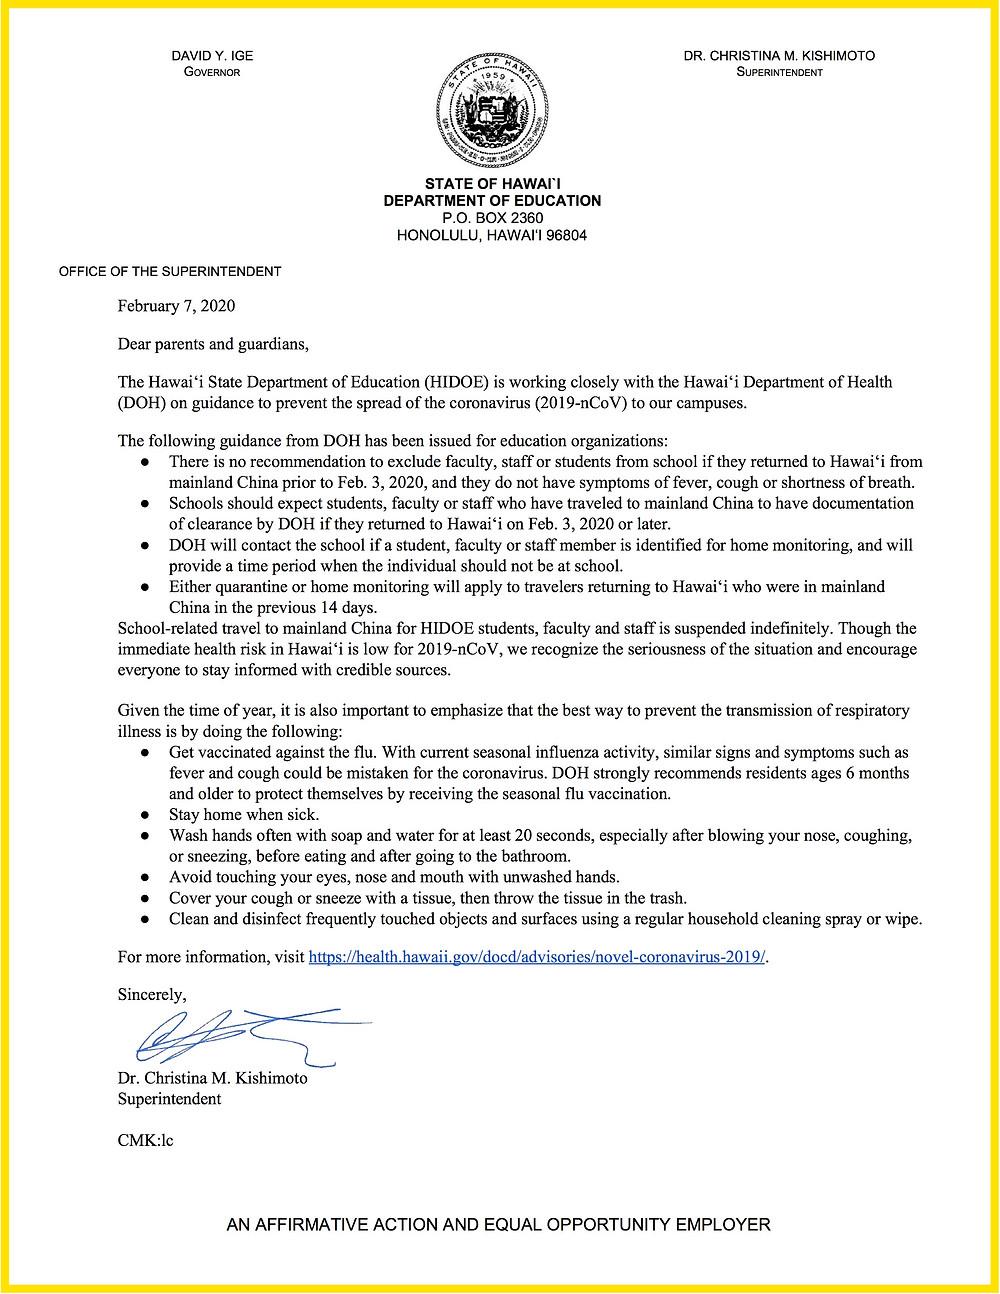 April 7th COVID-19 Letter